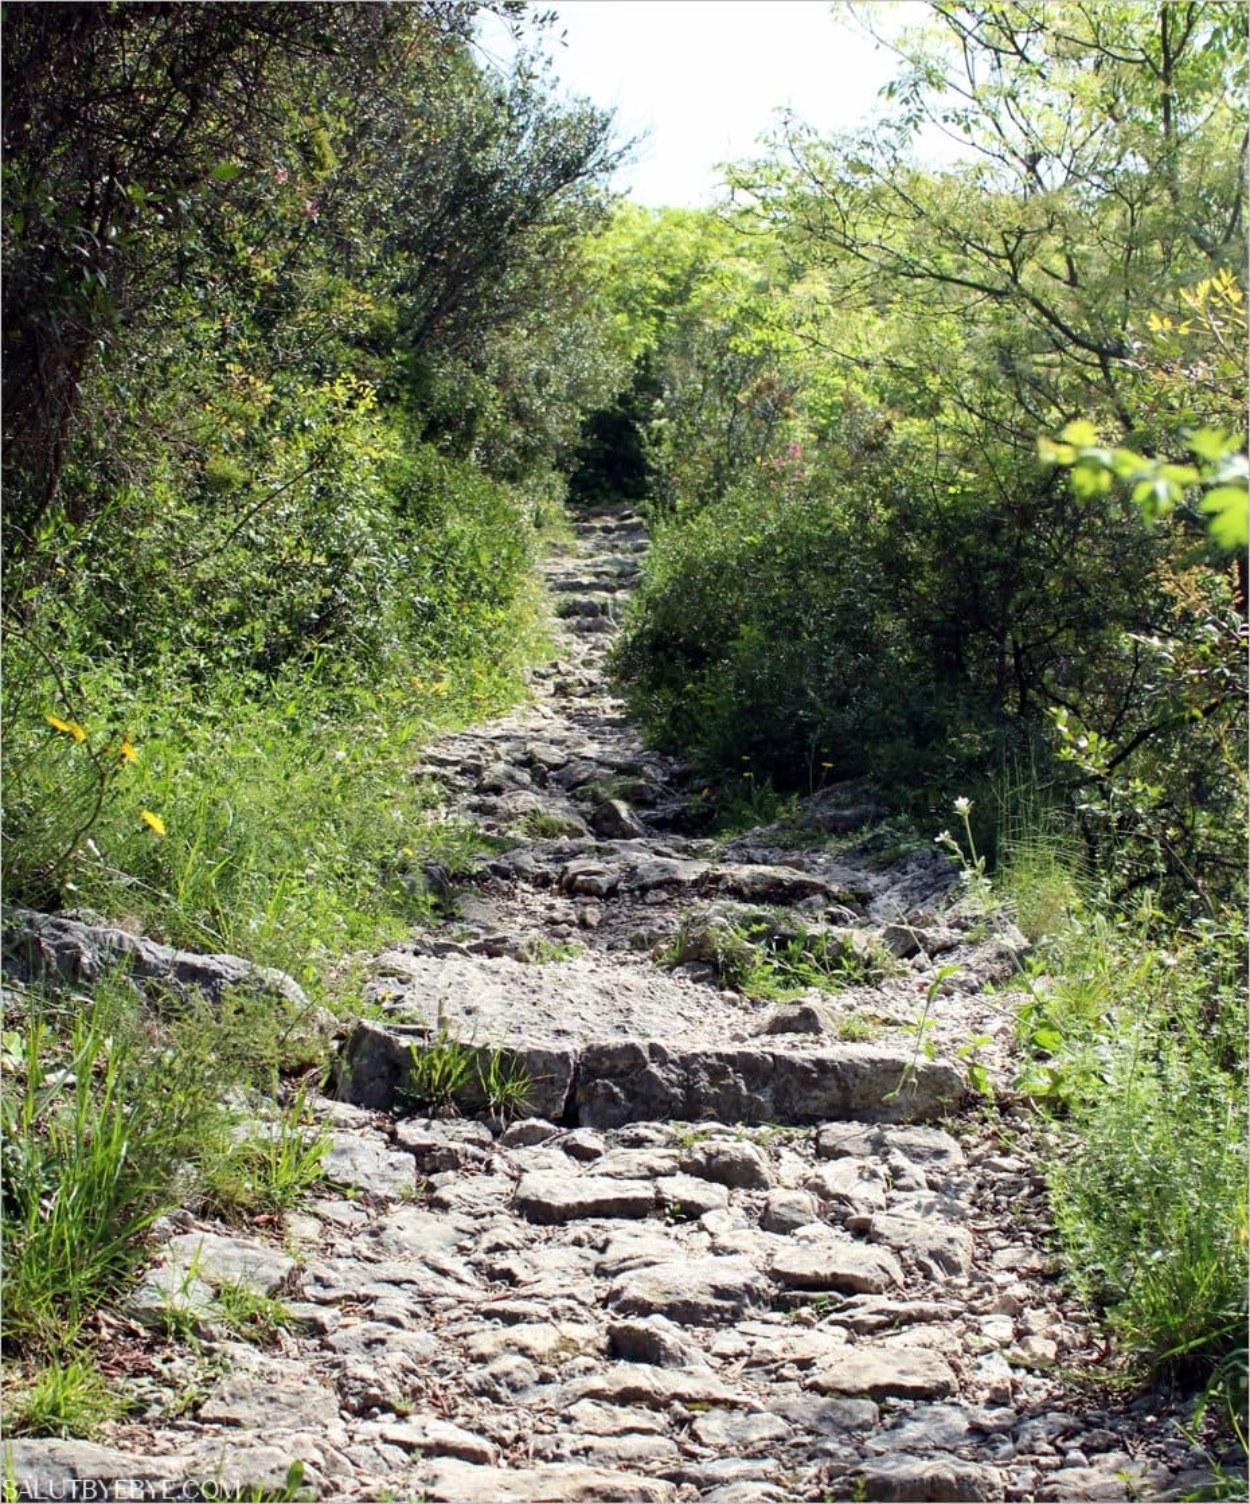 Le chemin de Nietzsche, sentier de randonnée à Eze